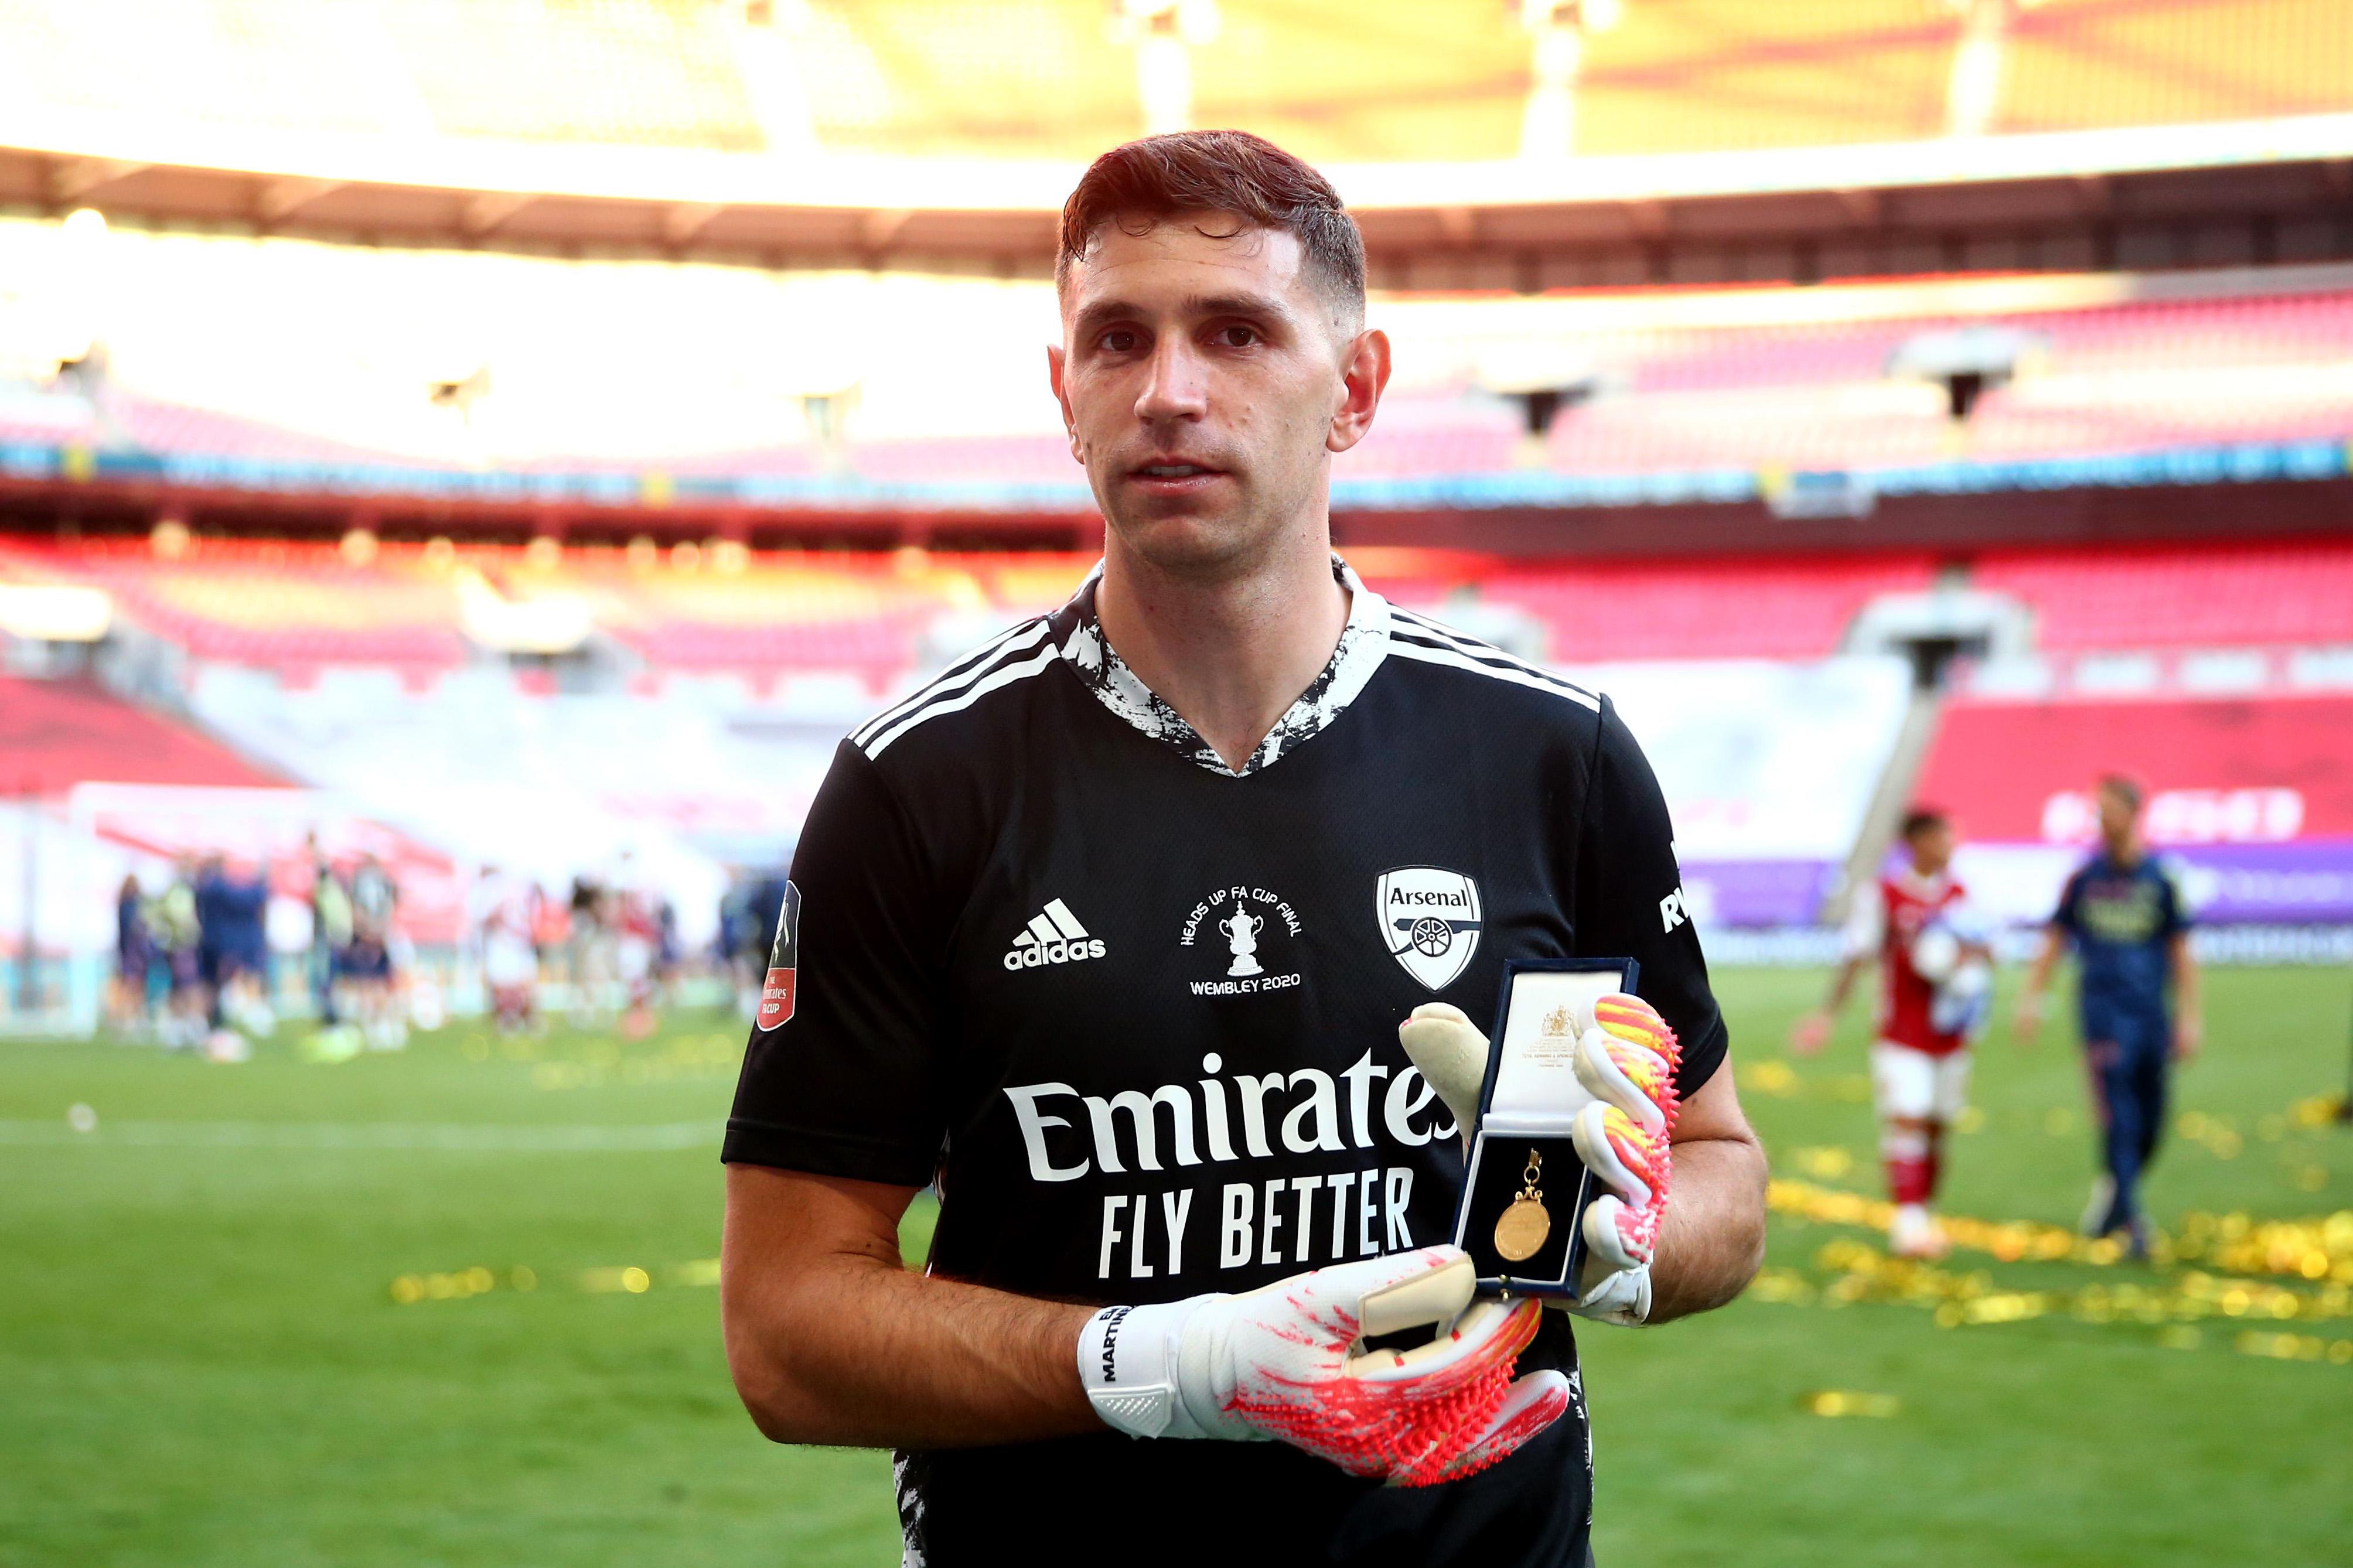 La emoción de Emiliano Martínez, el arquero argentino del Arsenal